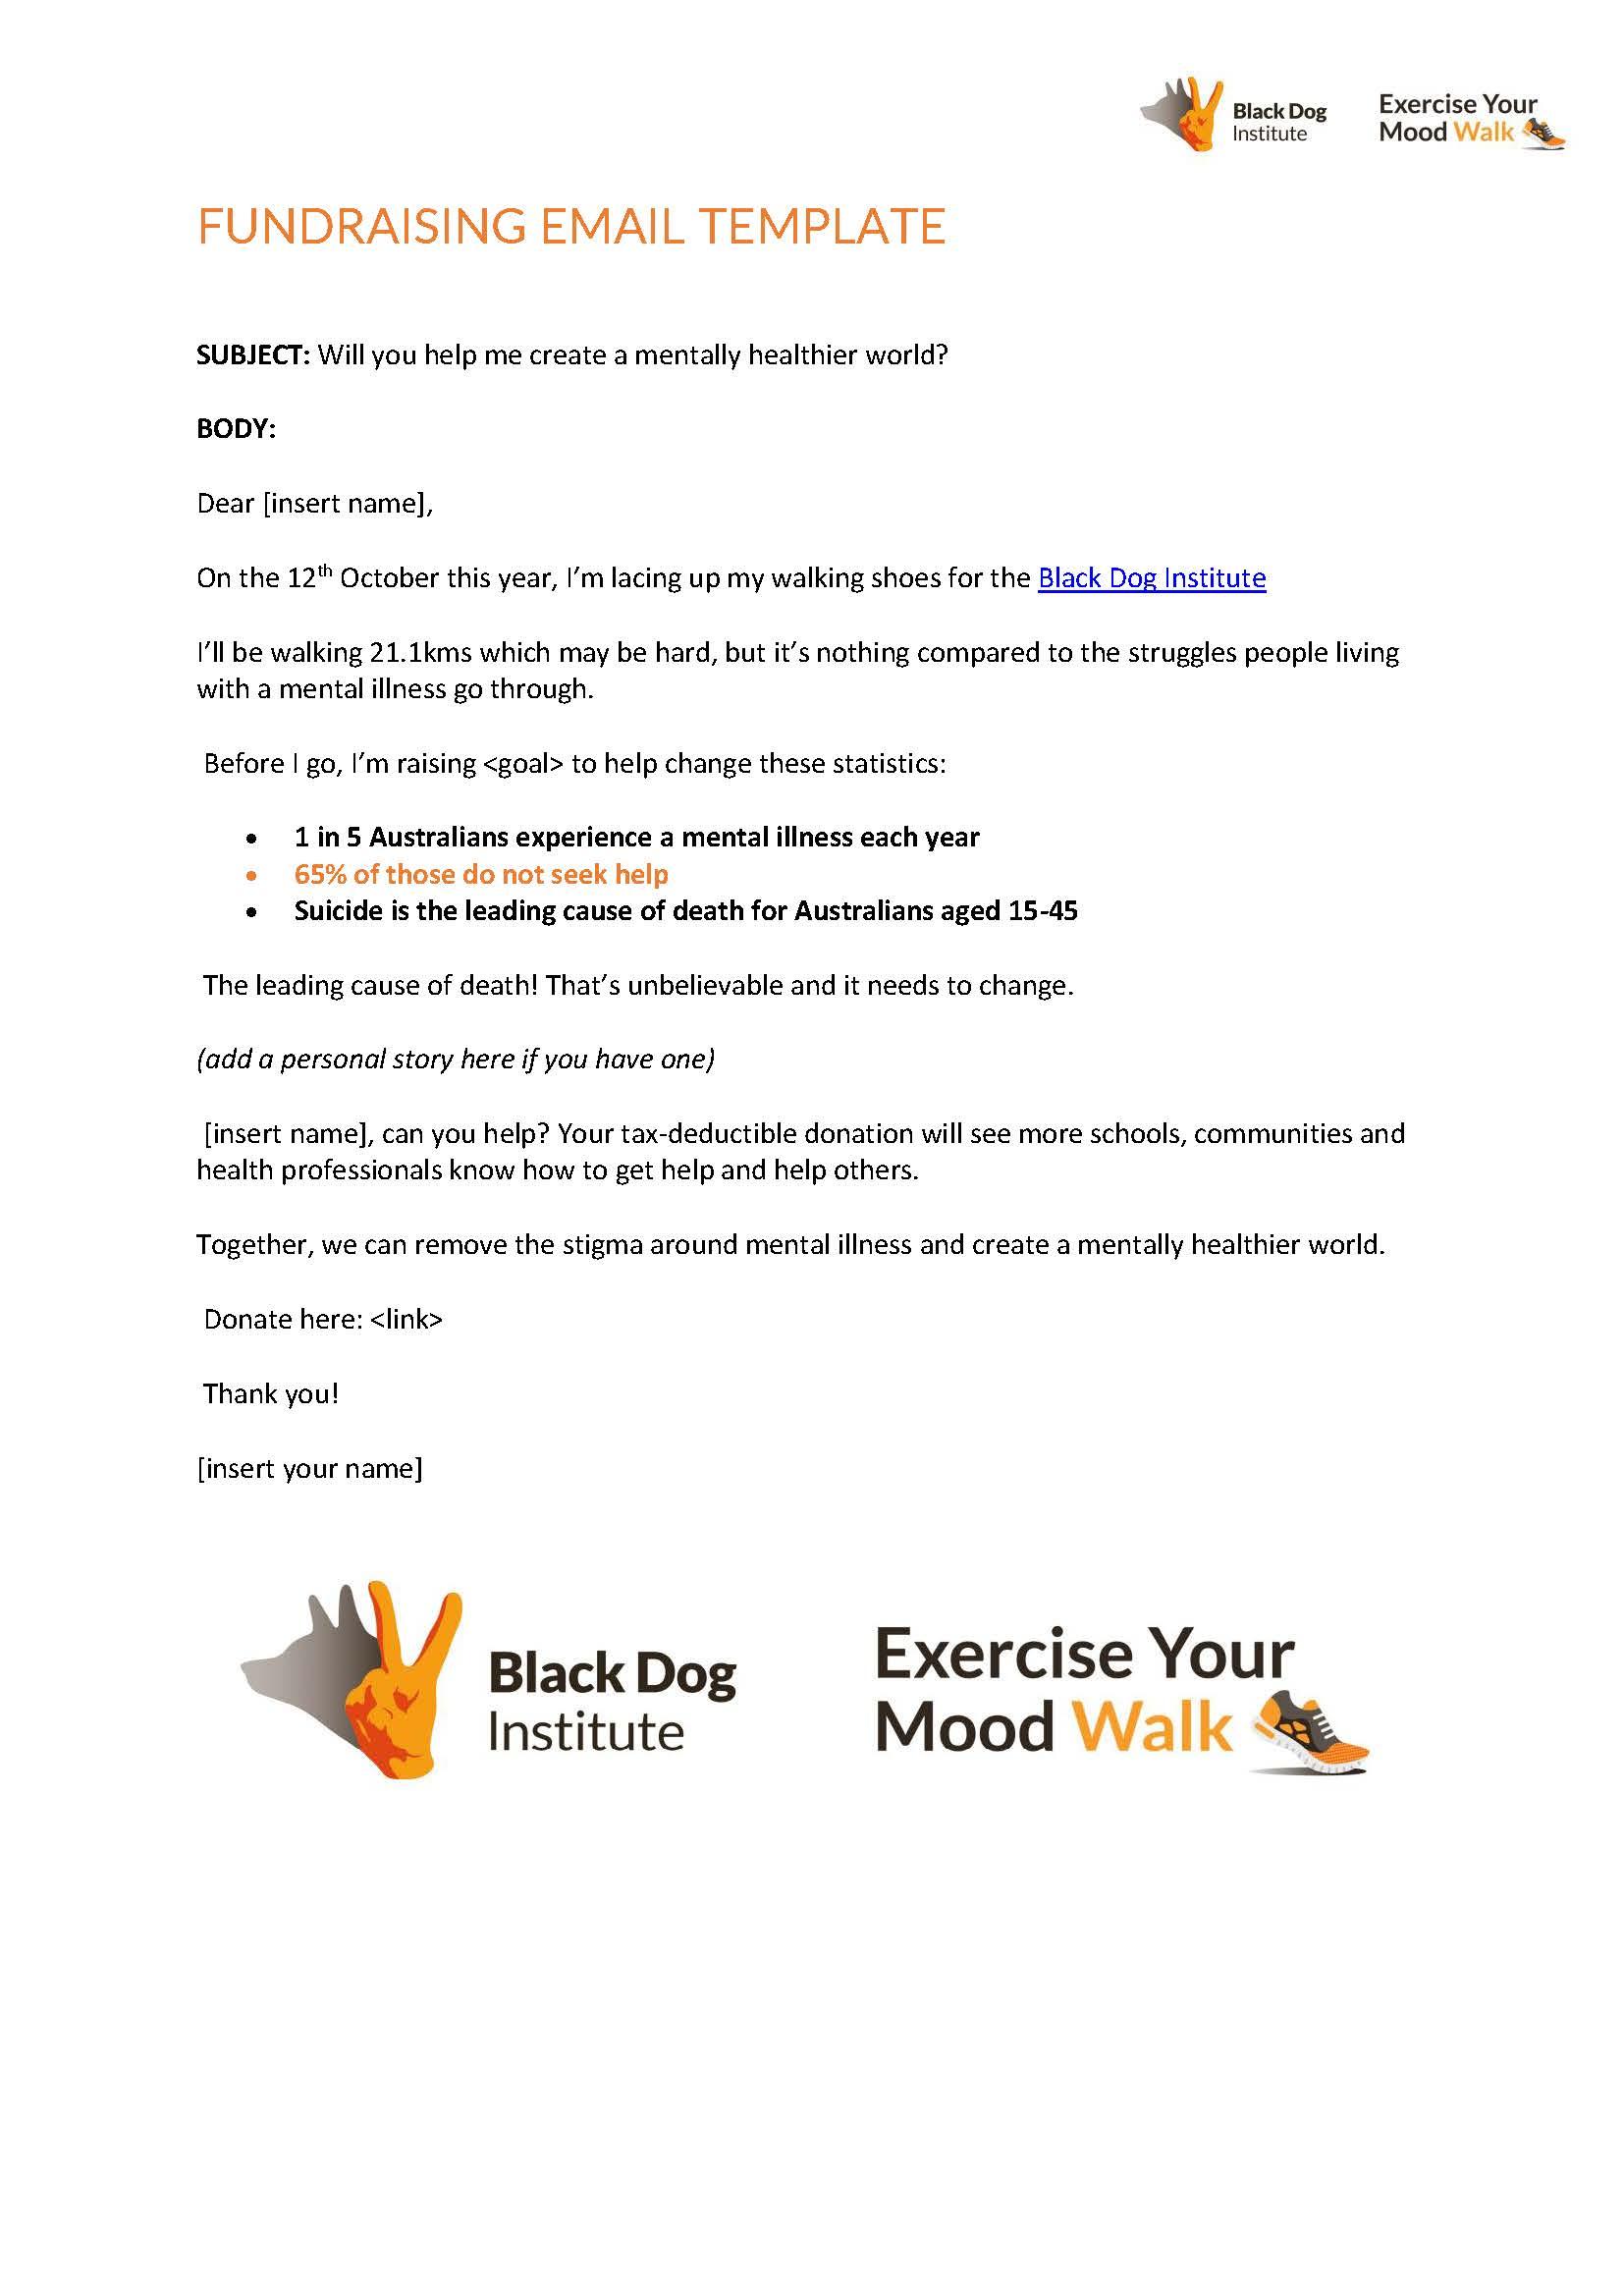 EYMWOP Email 1